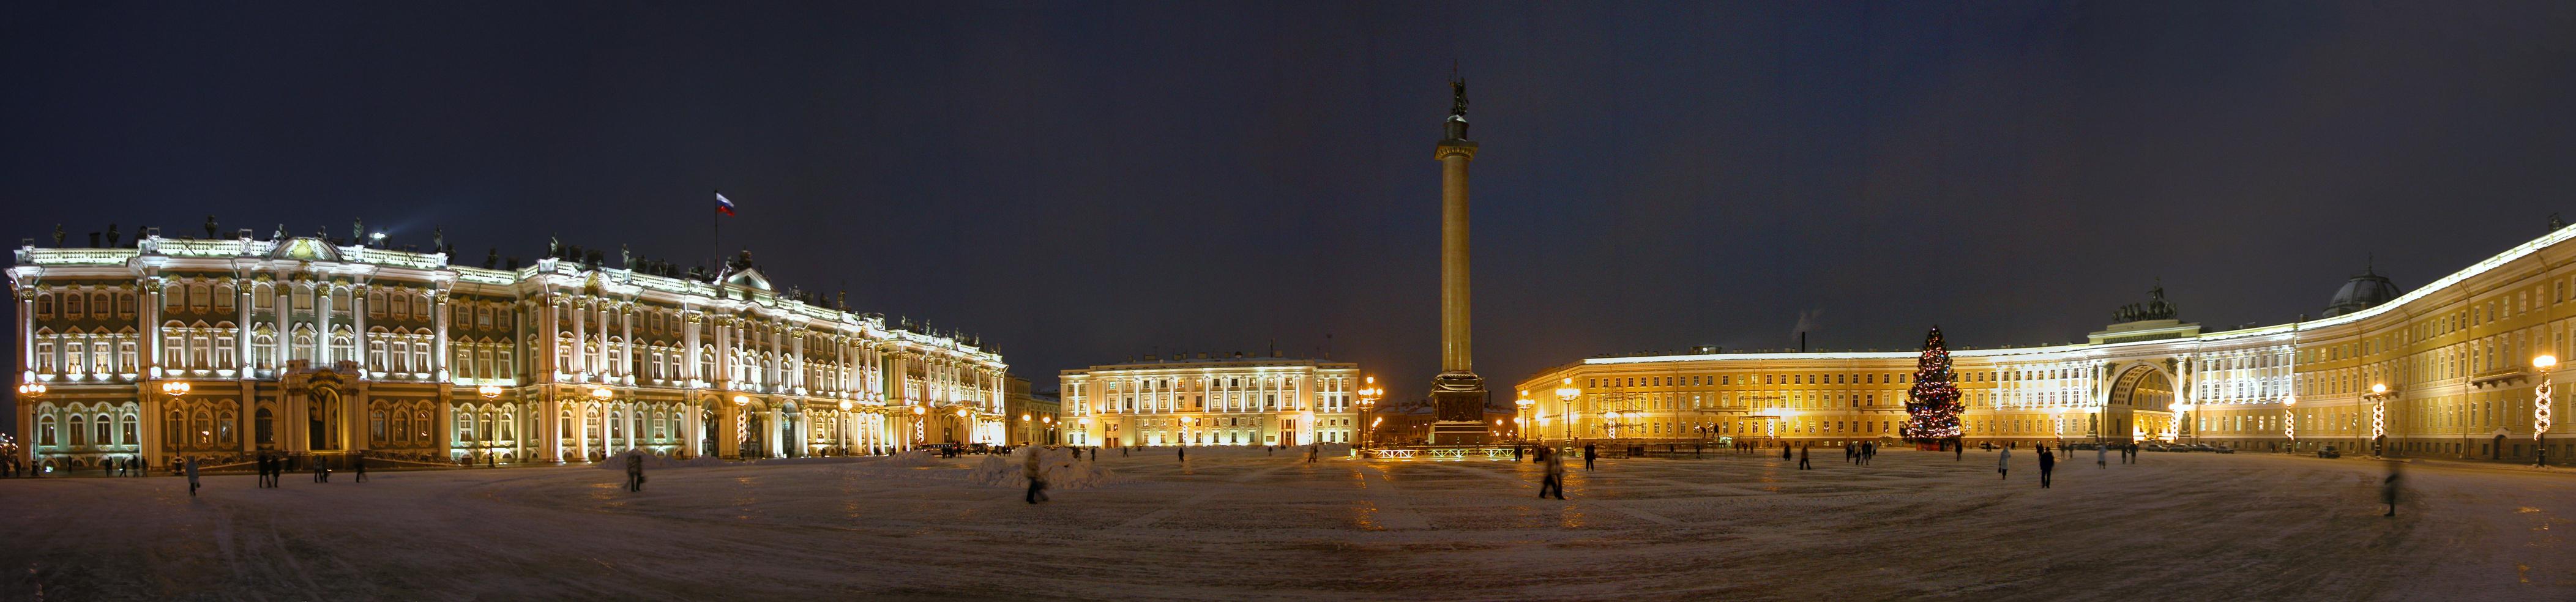 ...Большую Неву в Санкт-Петербурге.  Соединяет центральную часть города...